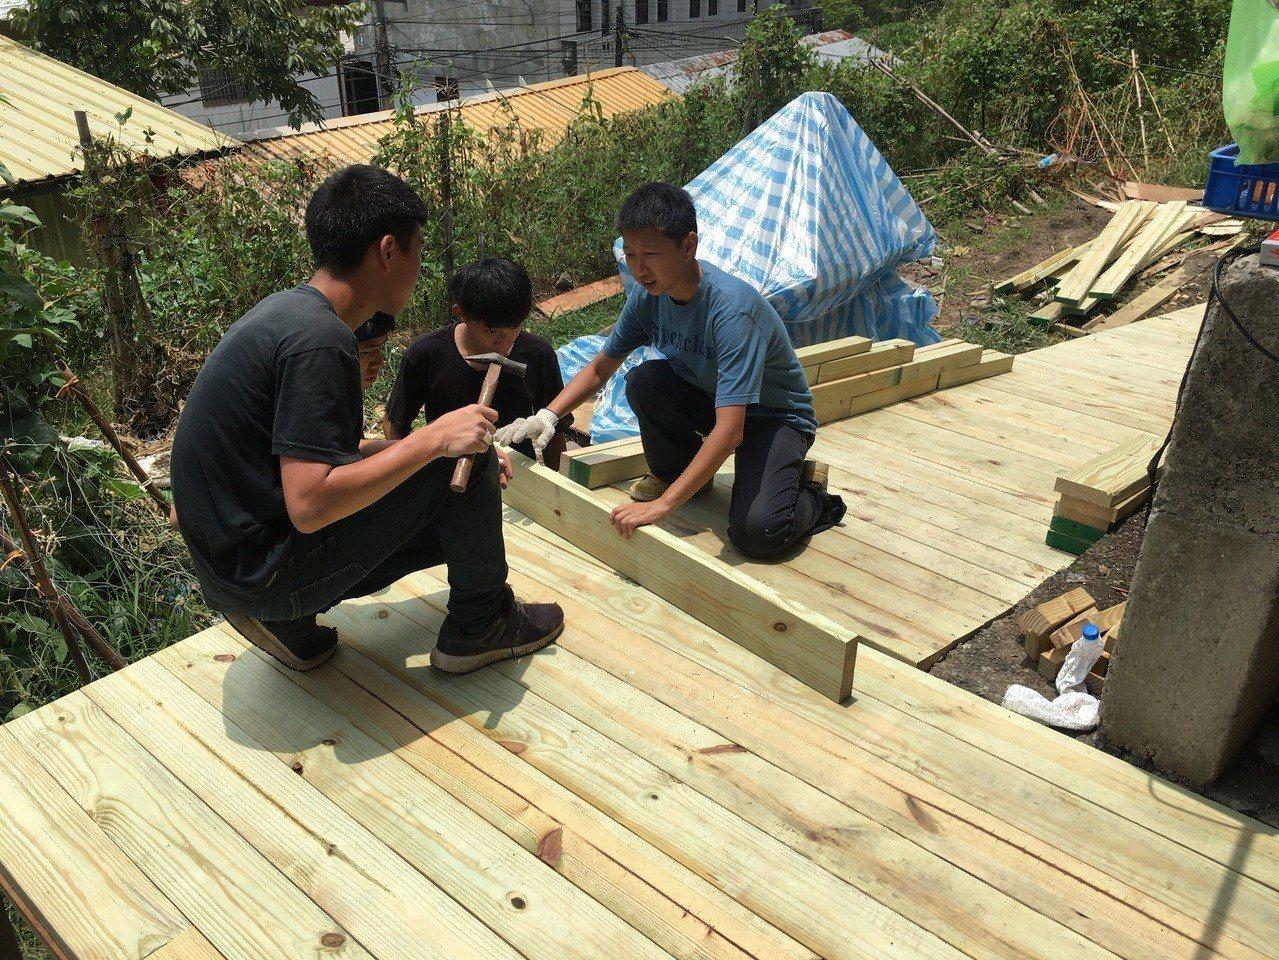 風奶奶家後院通往菜園的破舊木梯,經過修繕後改建成斜坡棧道,未來還會加裝扶手,讓風...